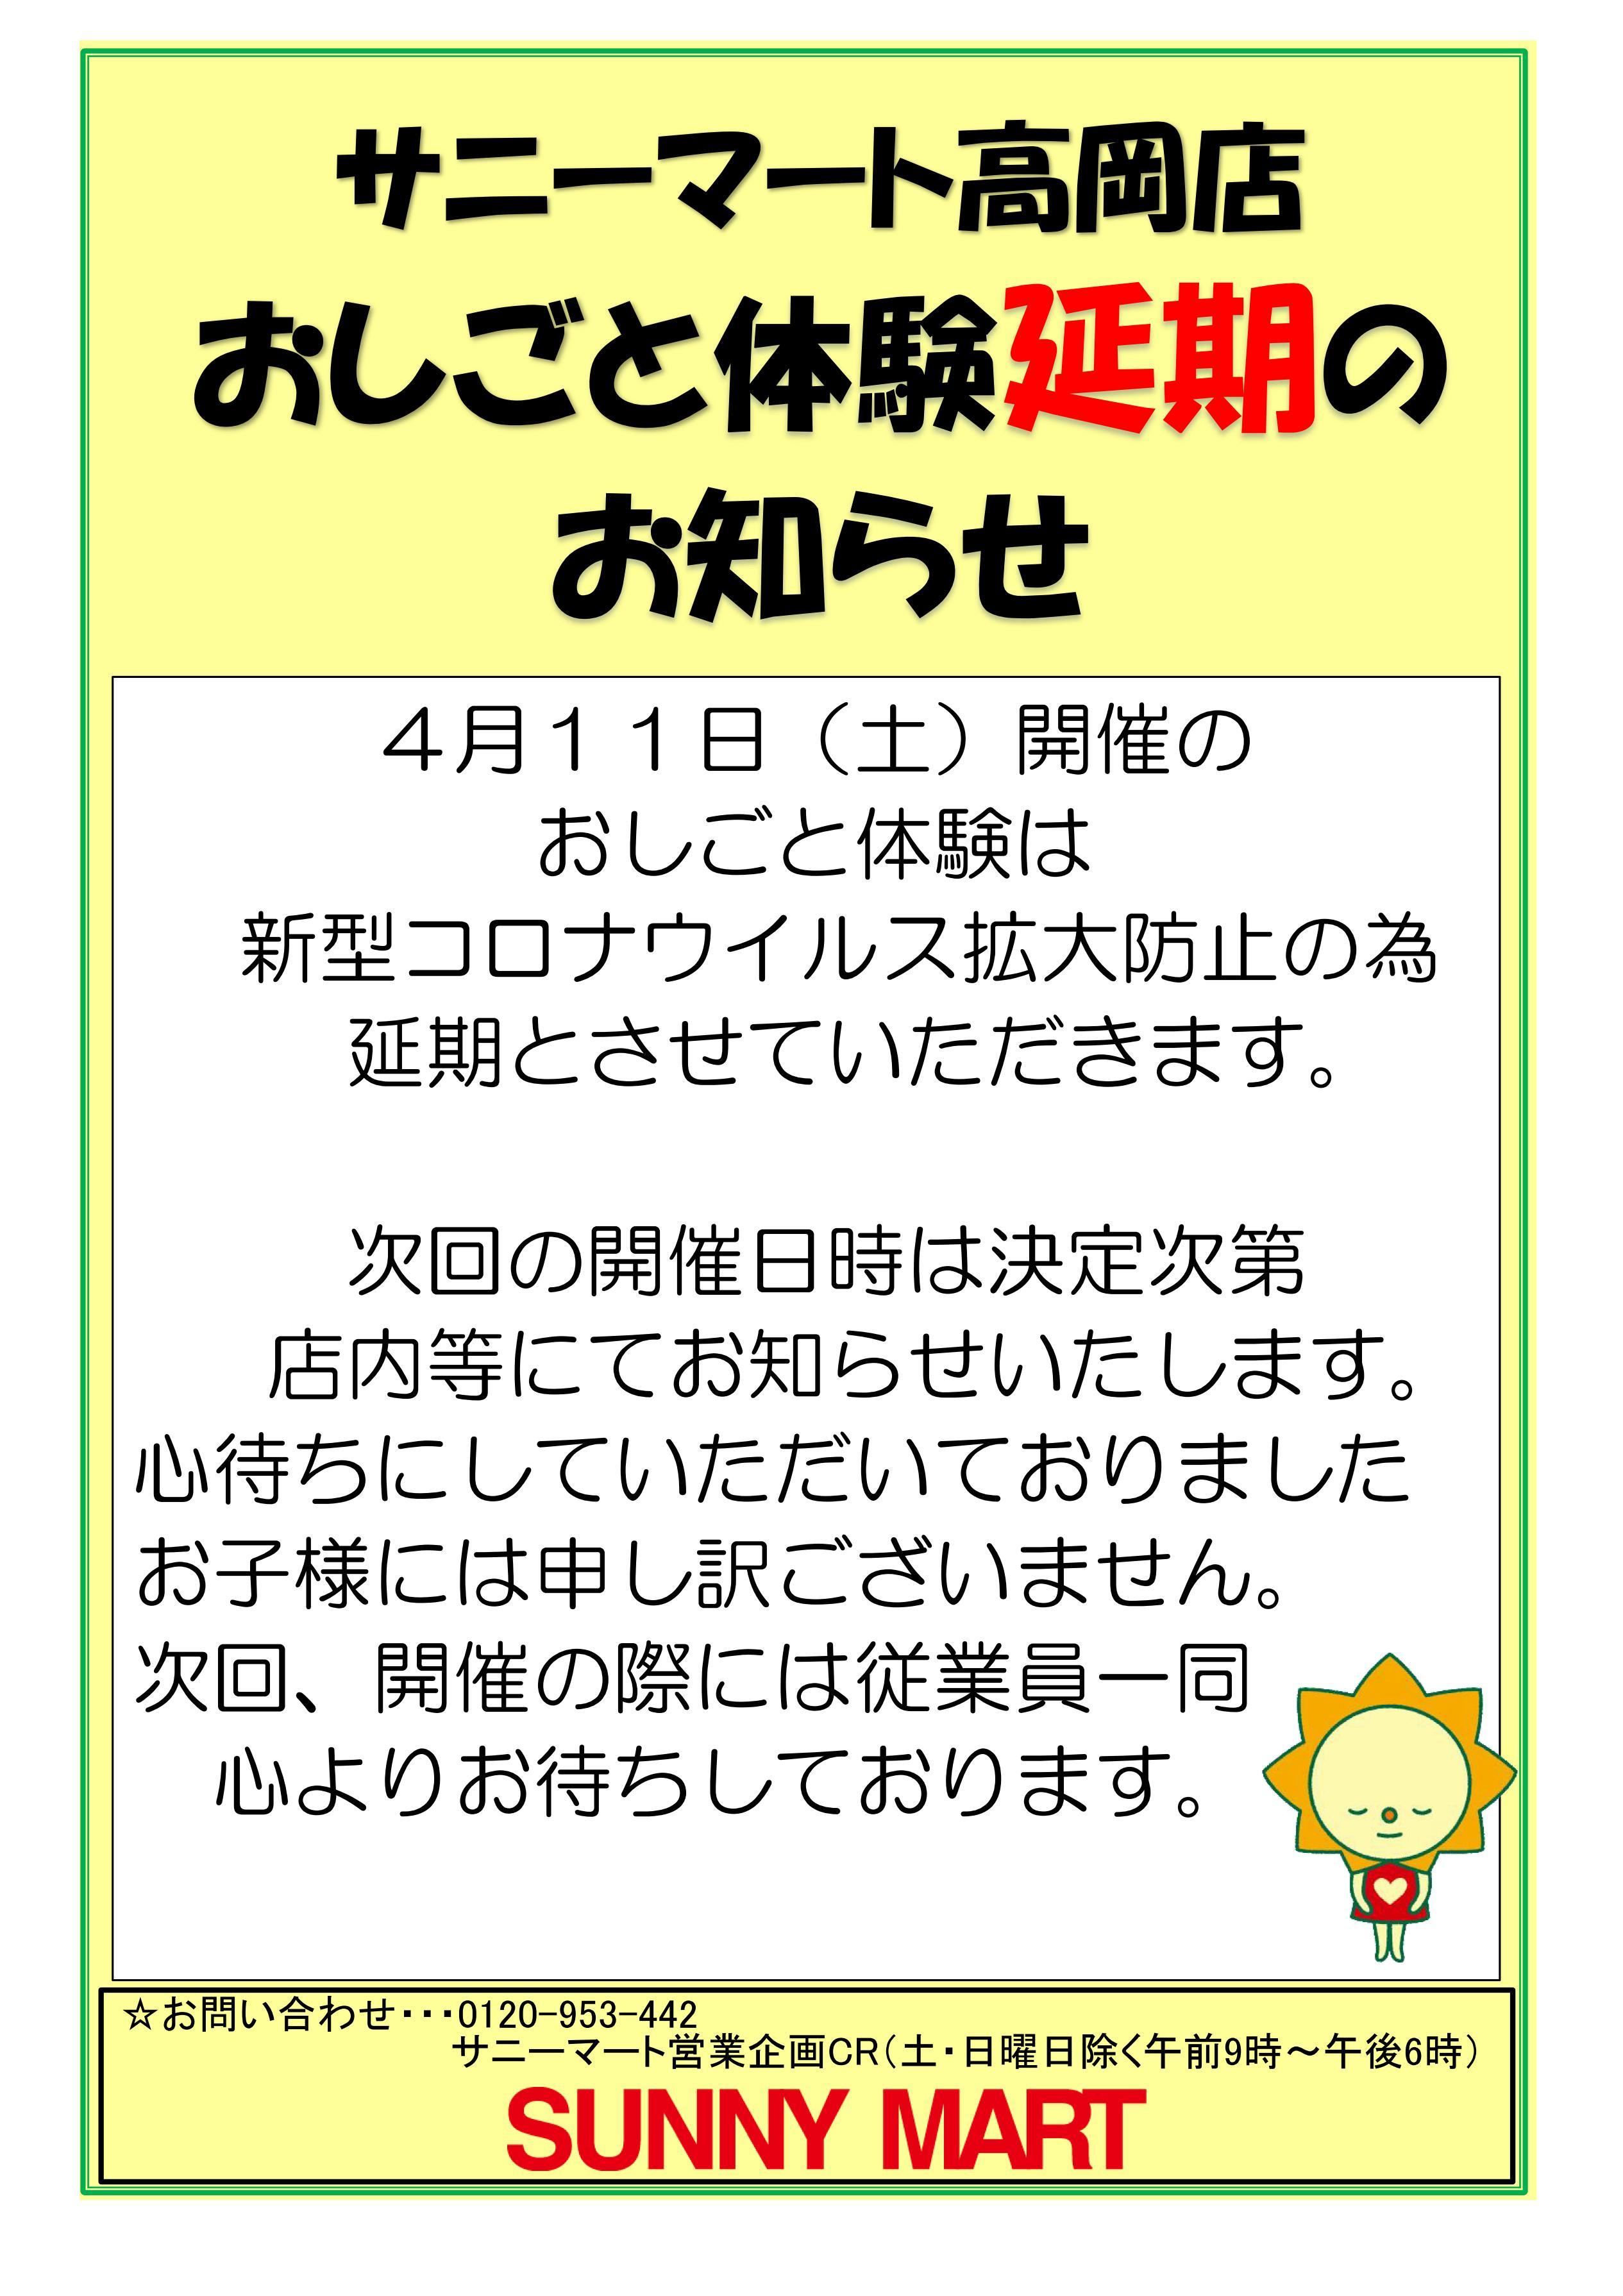 おしごと延期のお詫びPOP_01